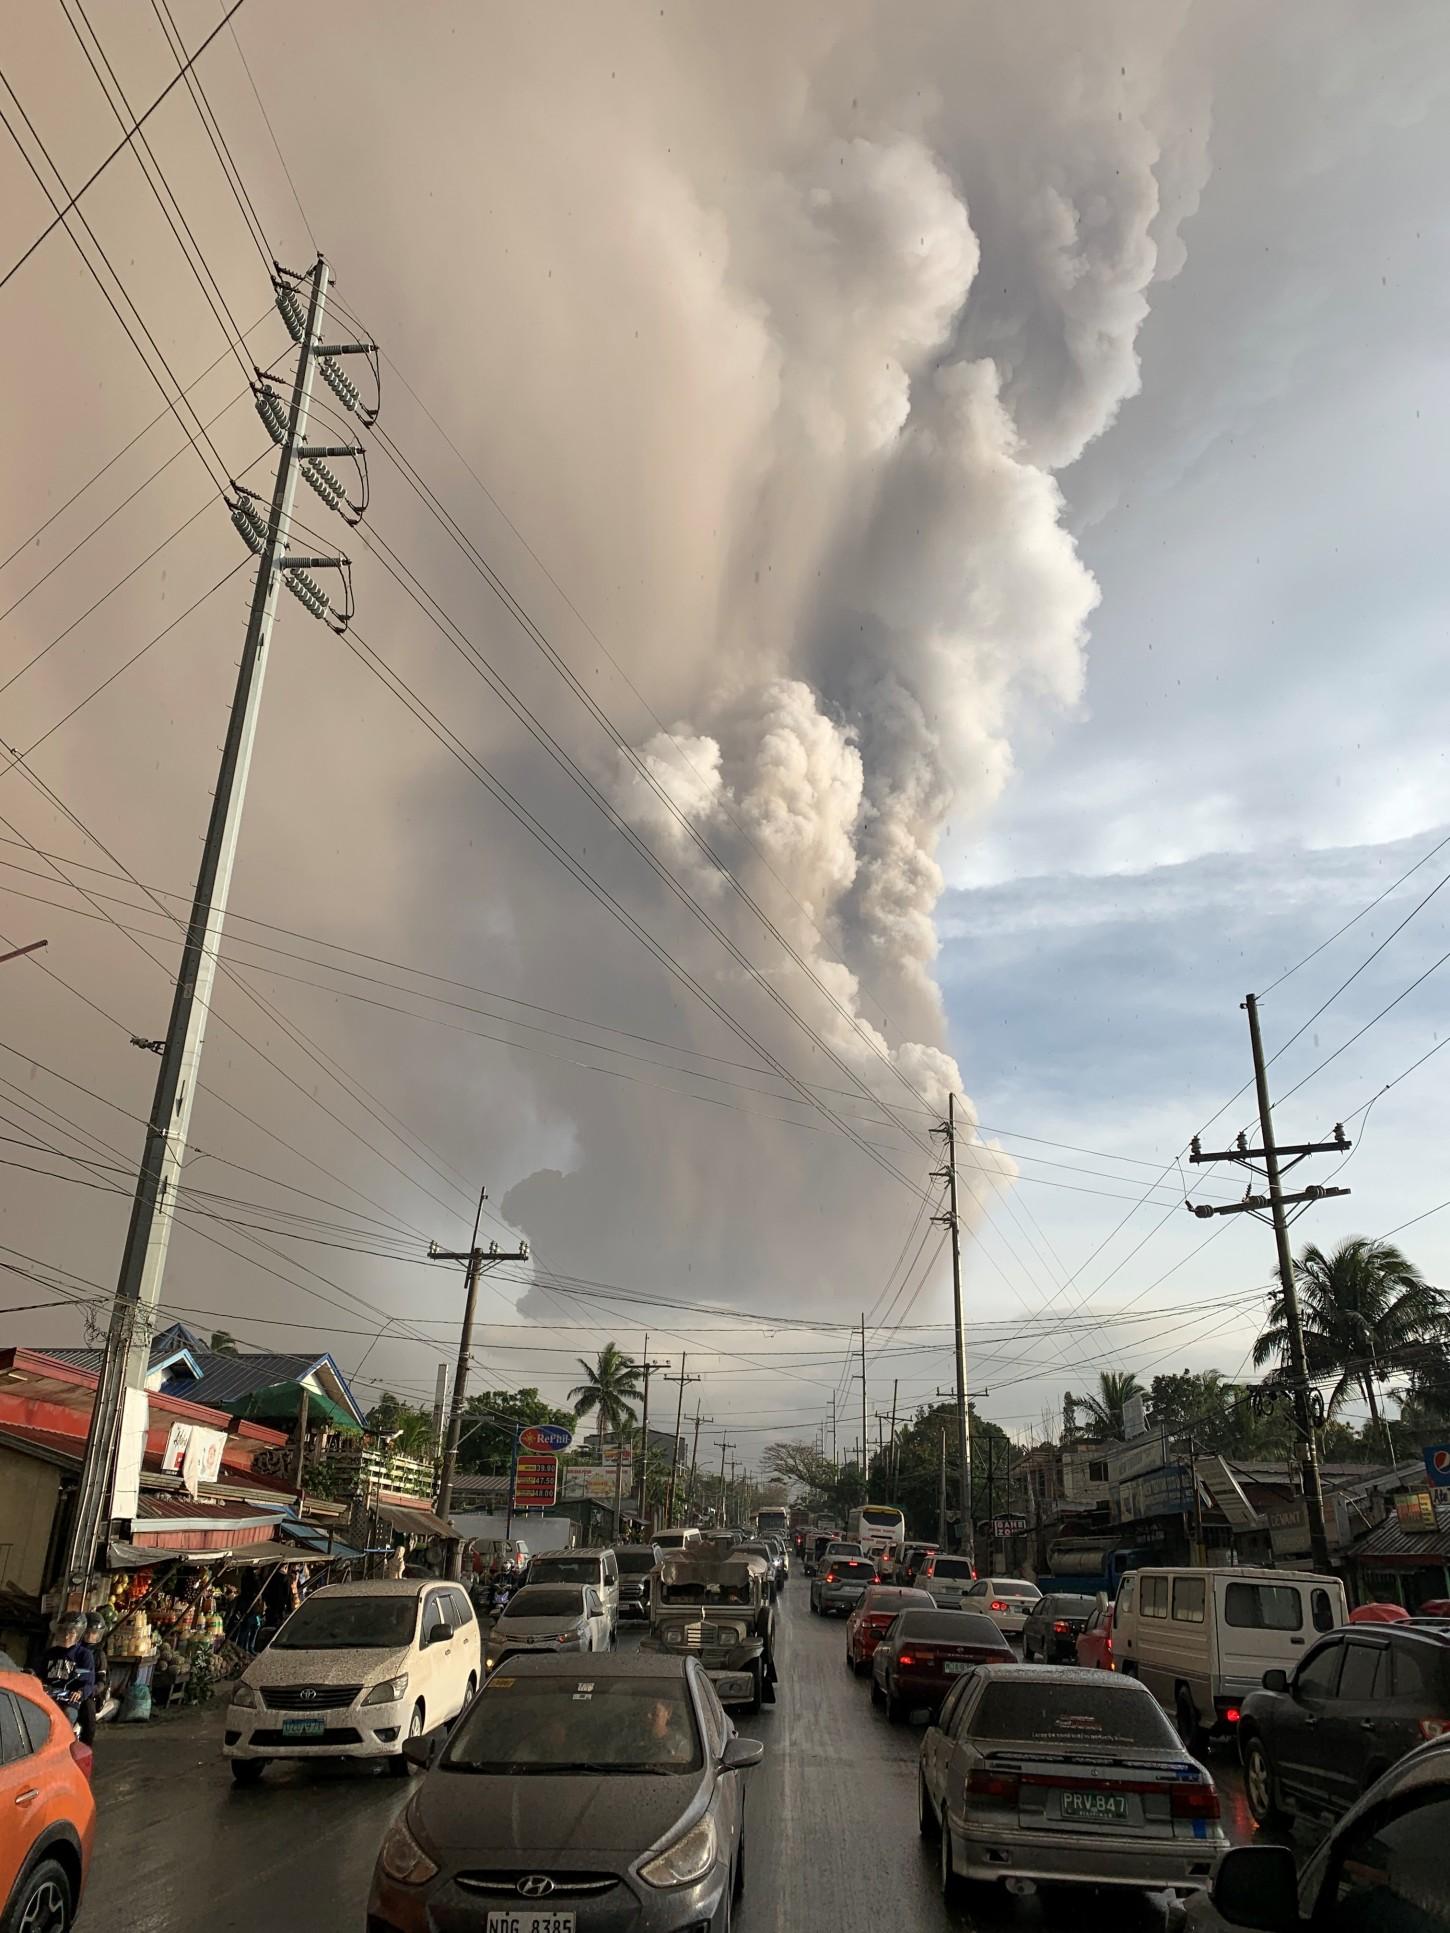 El nivel 4 de alerta supone que es posible una erupción explosiva en cuestión de horas o días, por lo que recomienda la